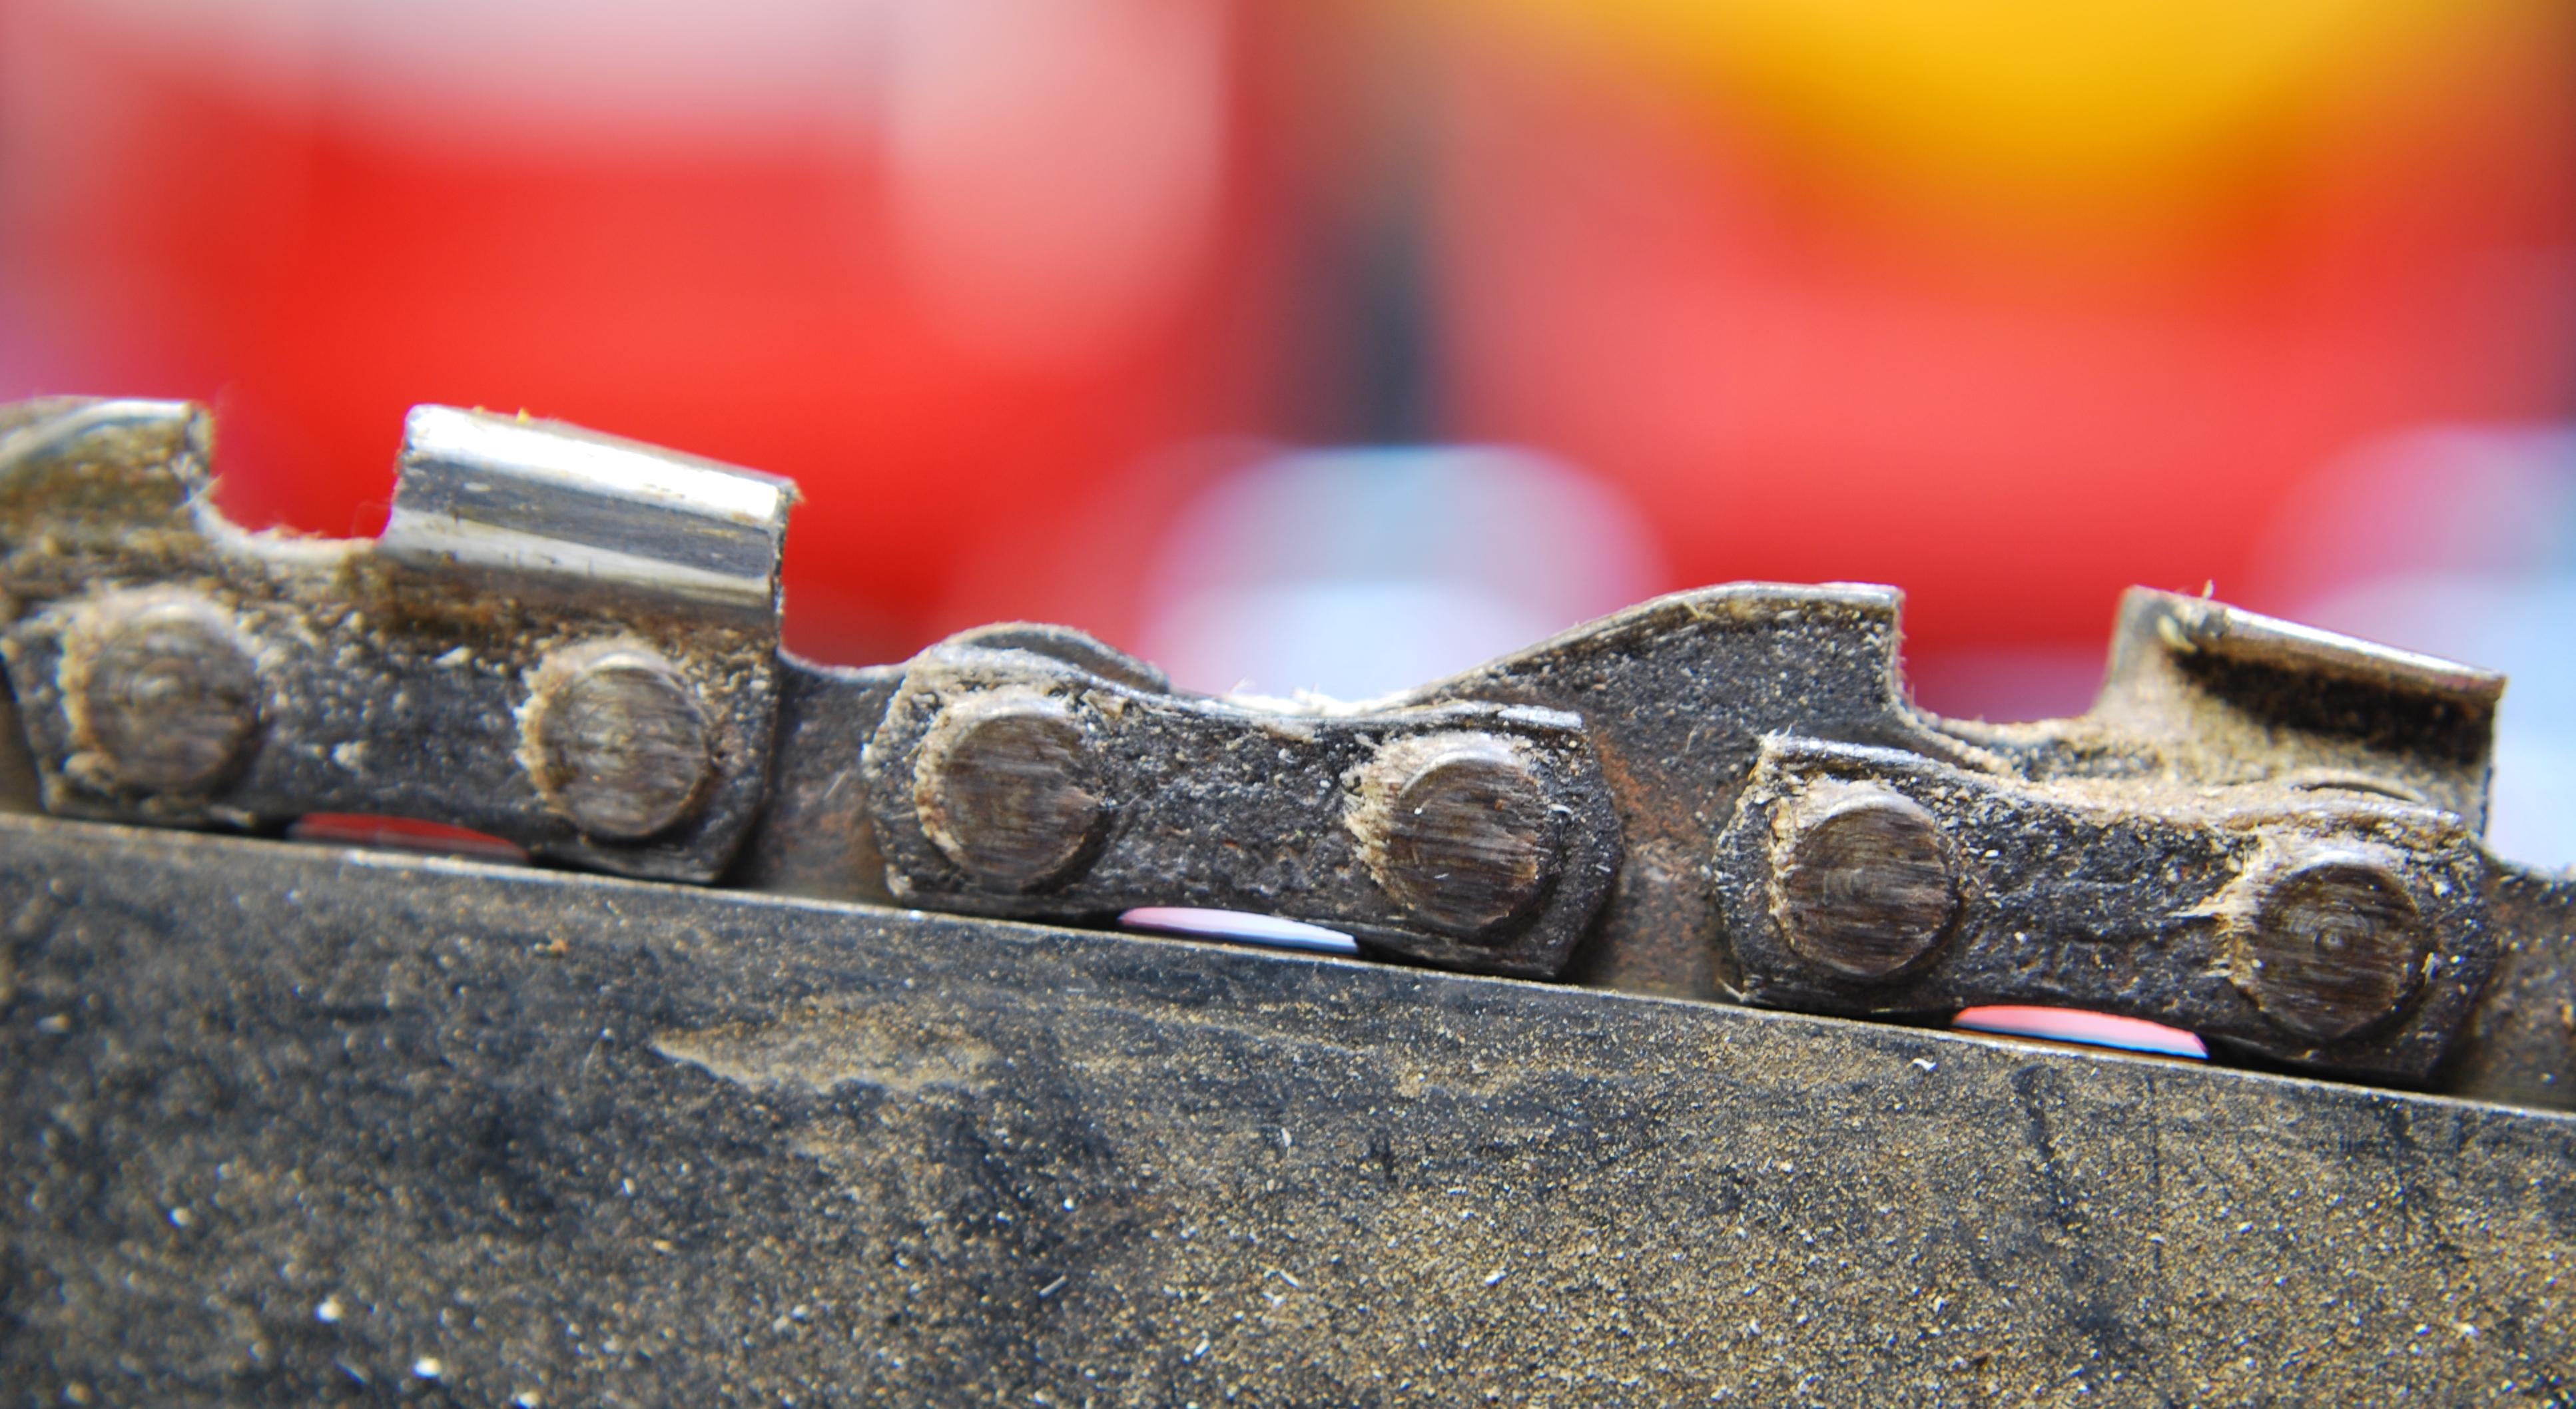 Tronconneuse - Comment aiguiser une chaine de tronconneuse ...